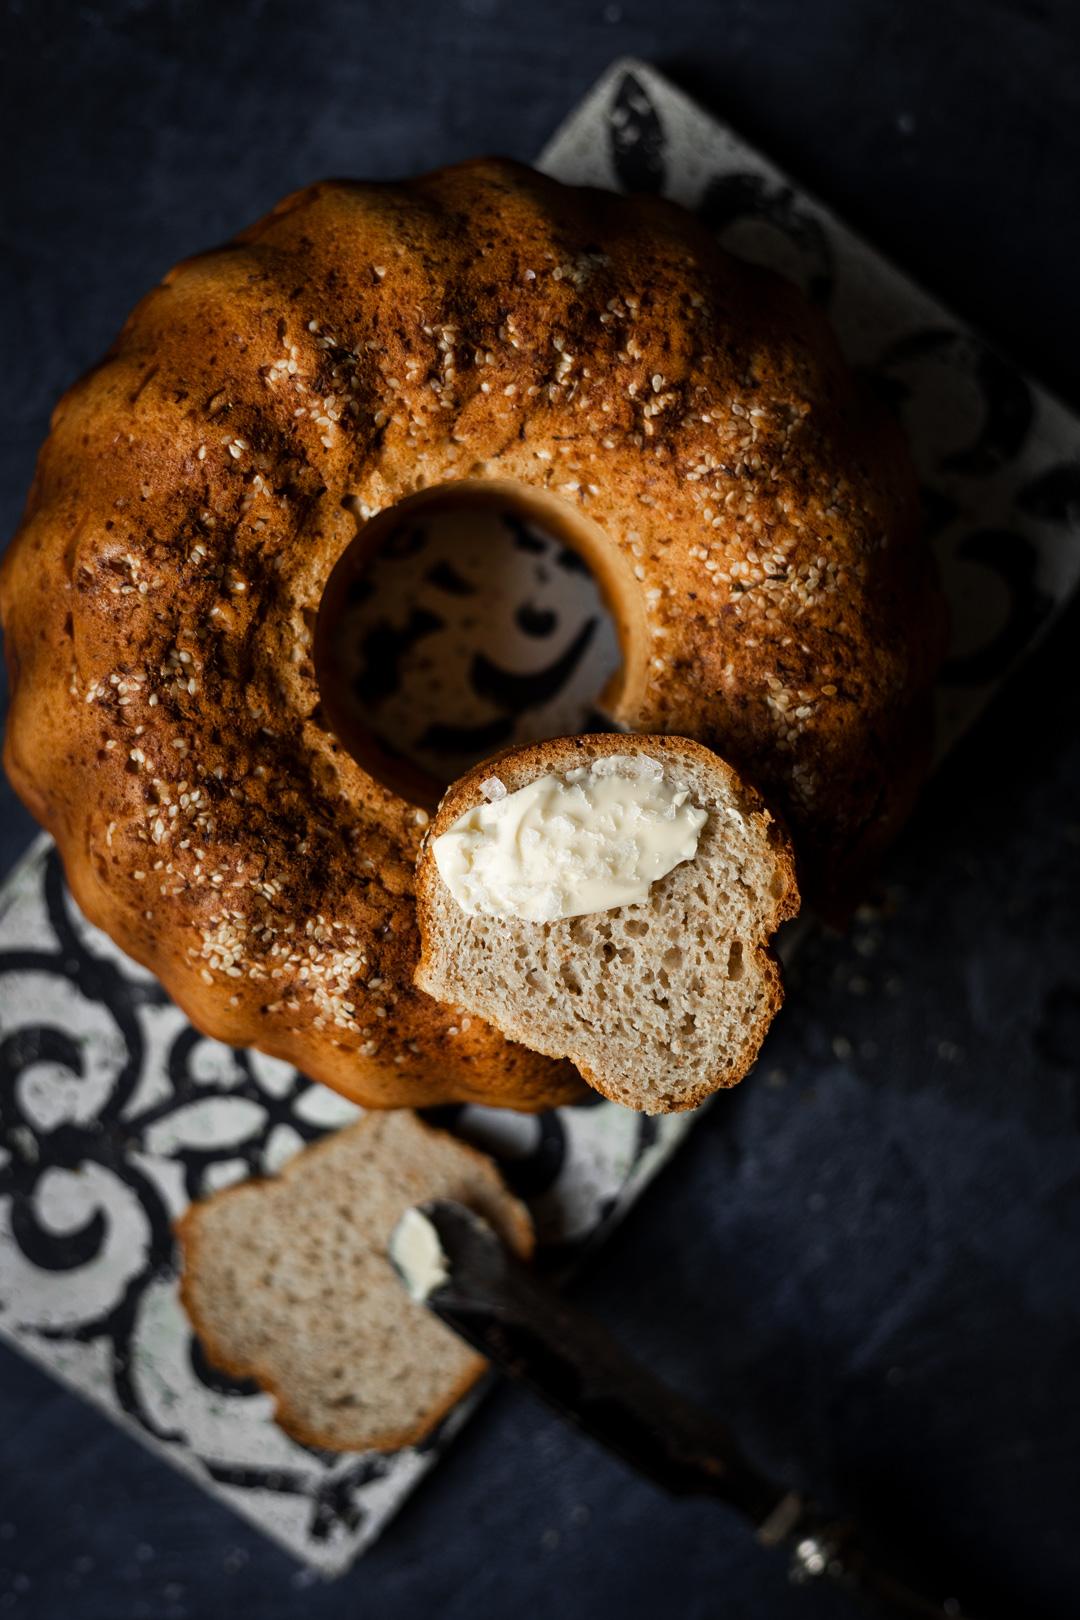 Brot-Rezept: Blitzschneller Brotgugelhupf - Kochmädchen Foodblog